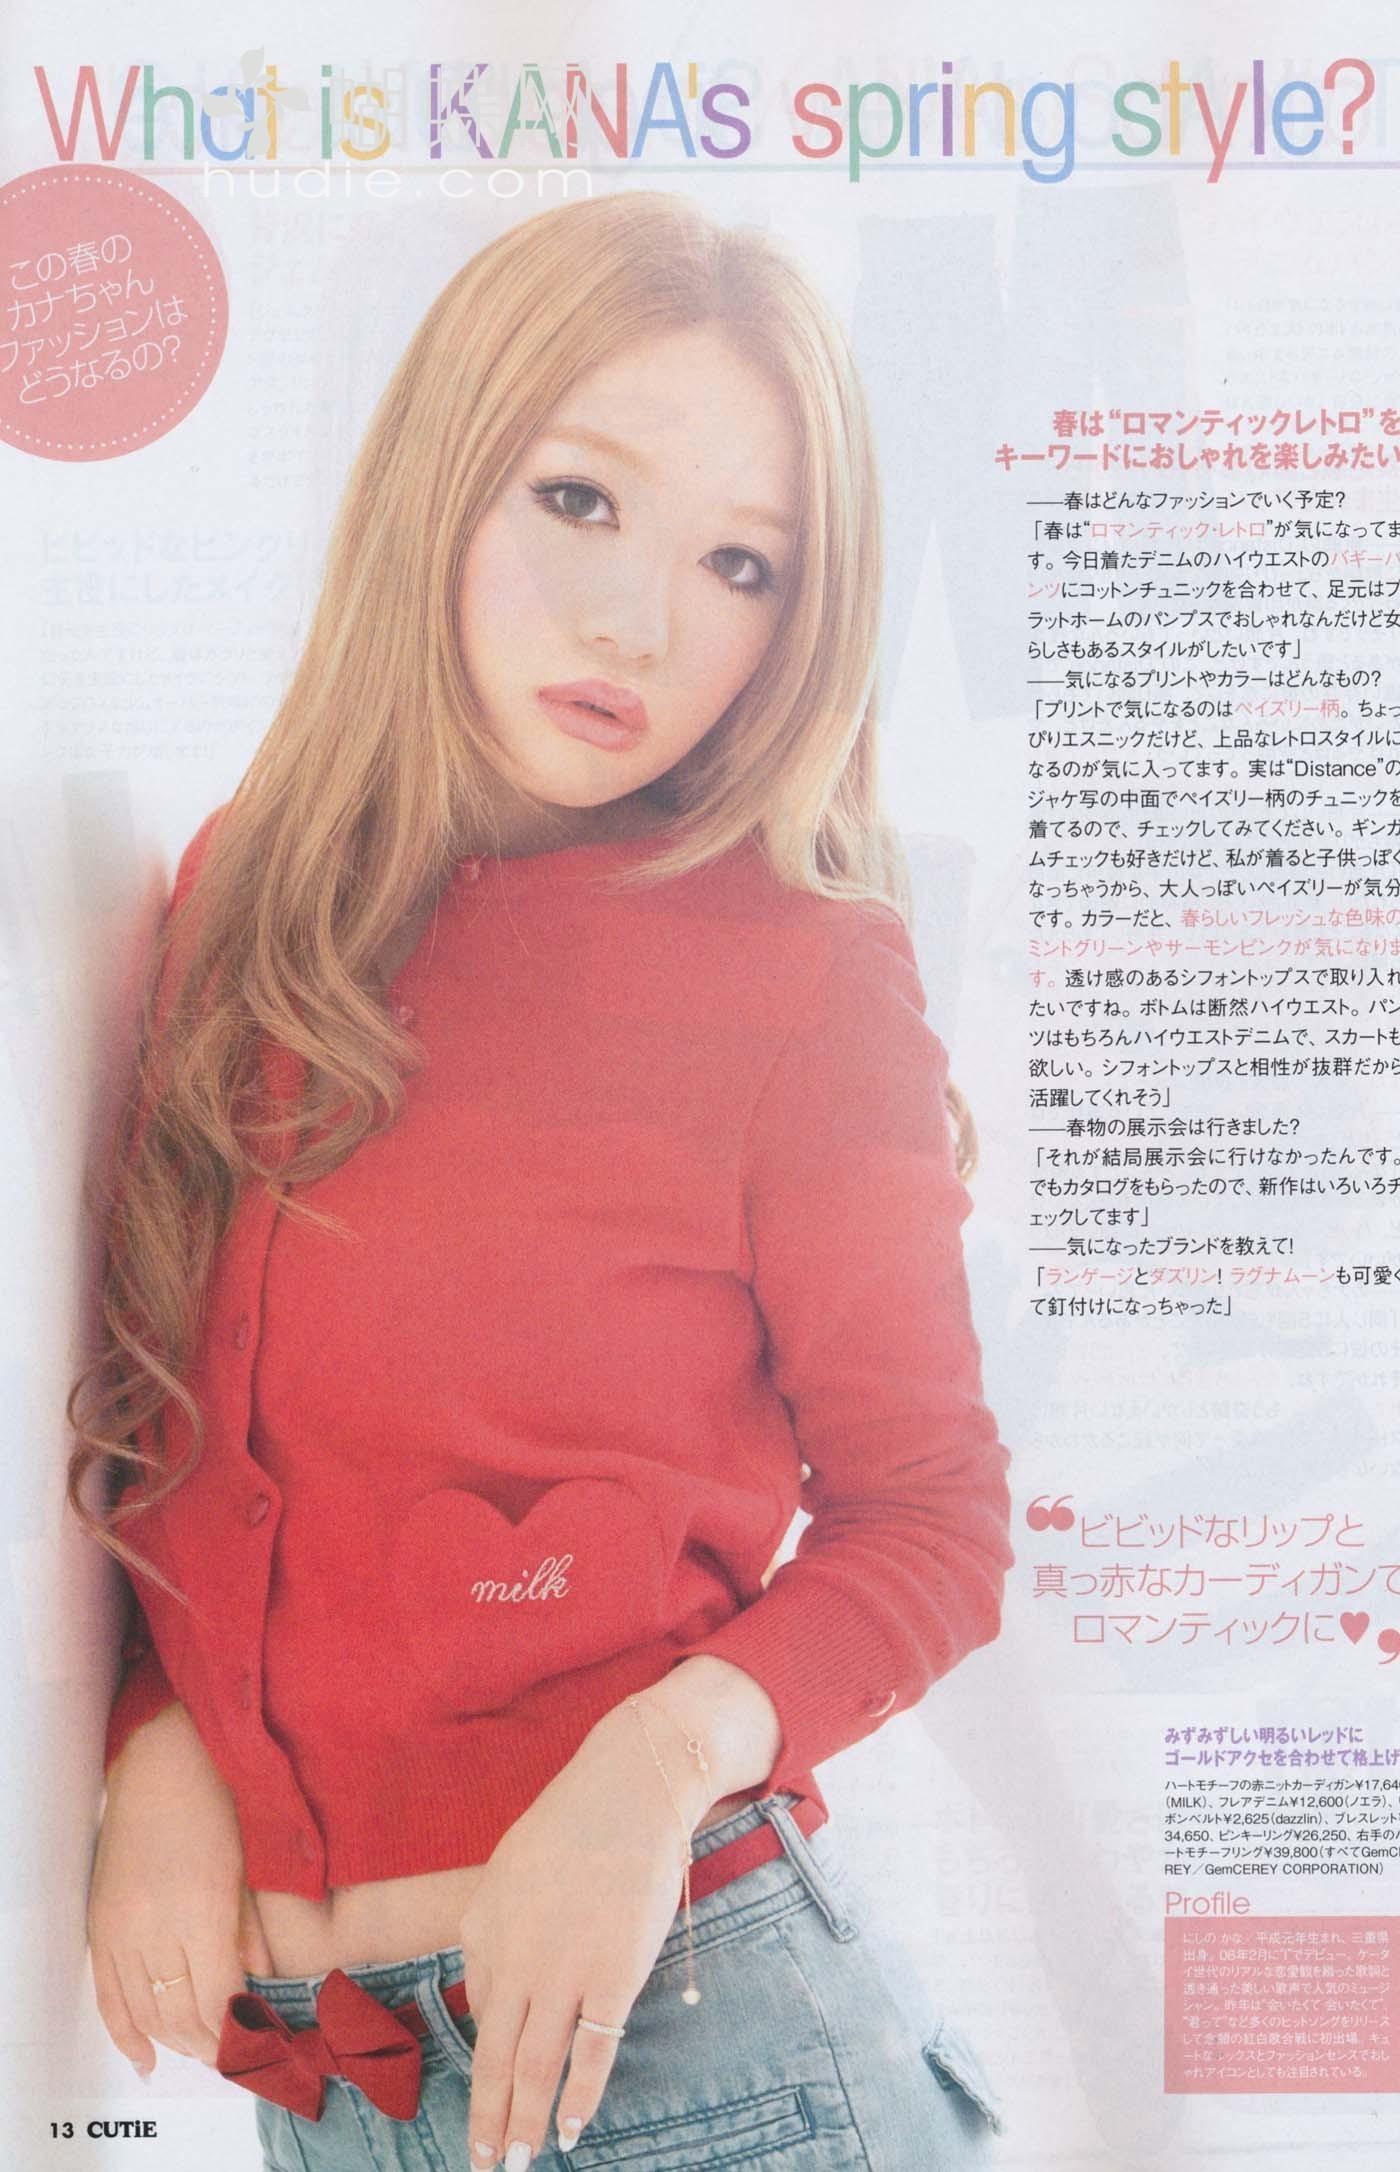 kana kawaii nishino 5e - photo #23